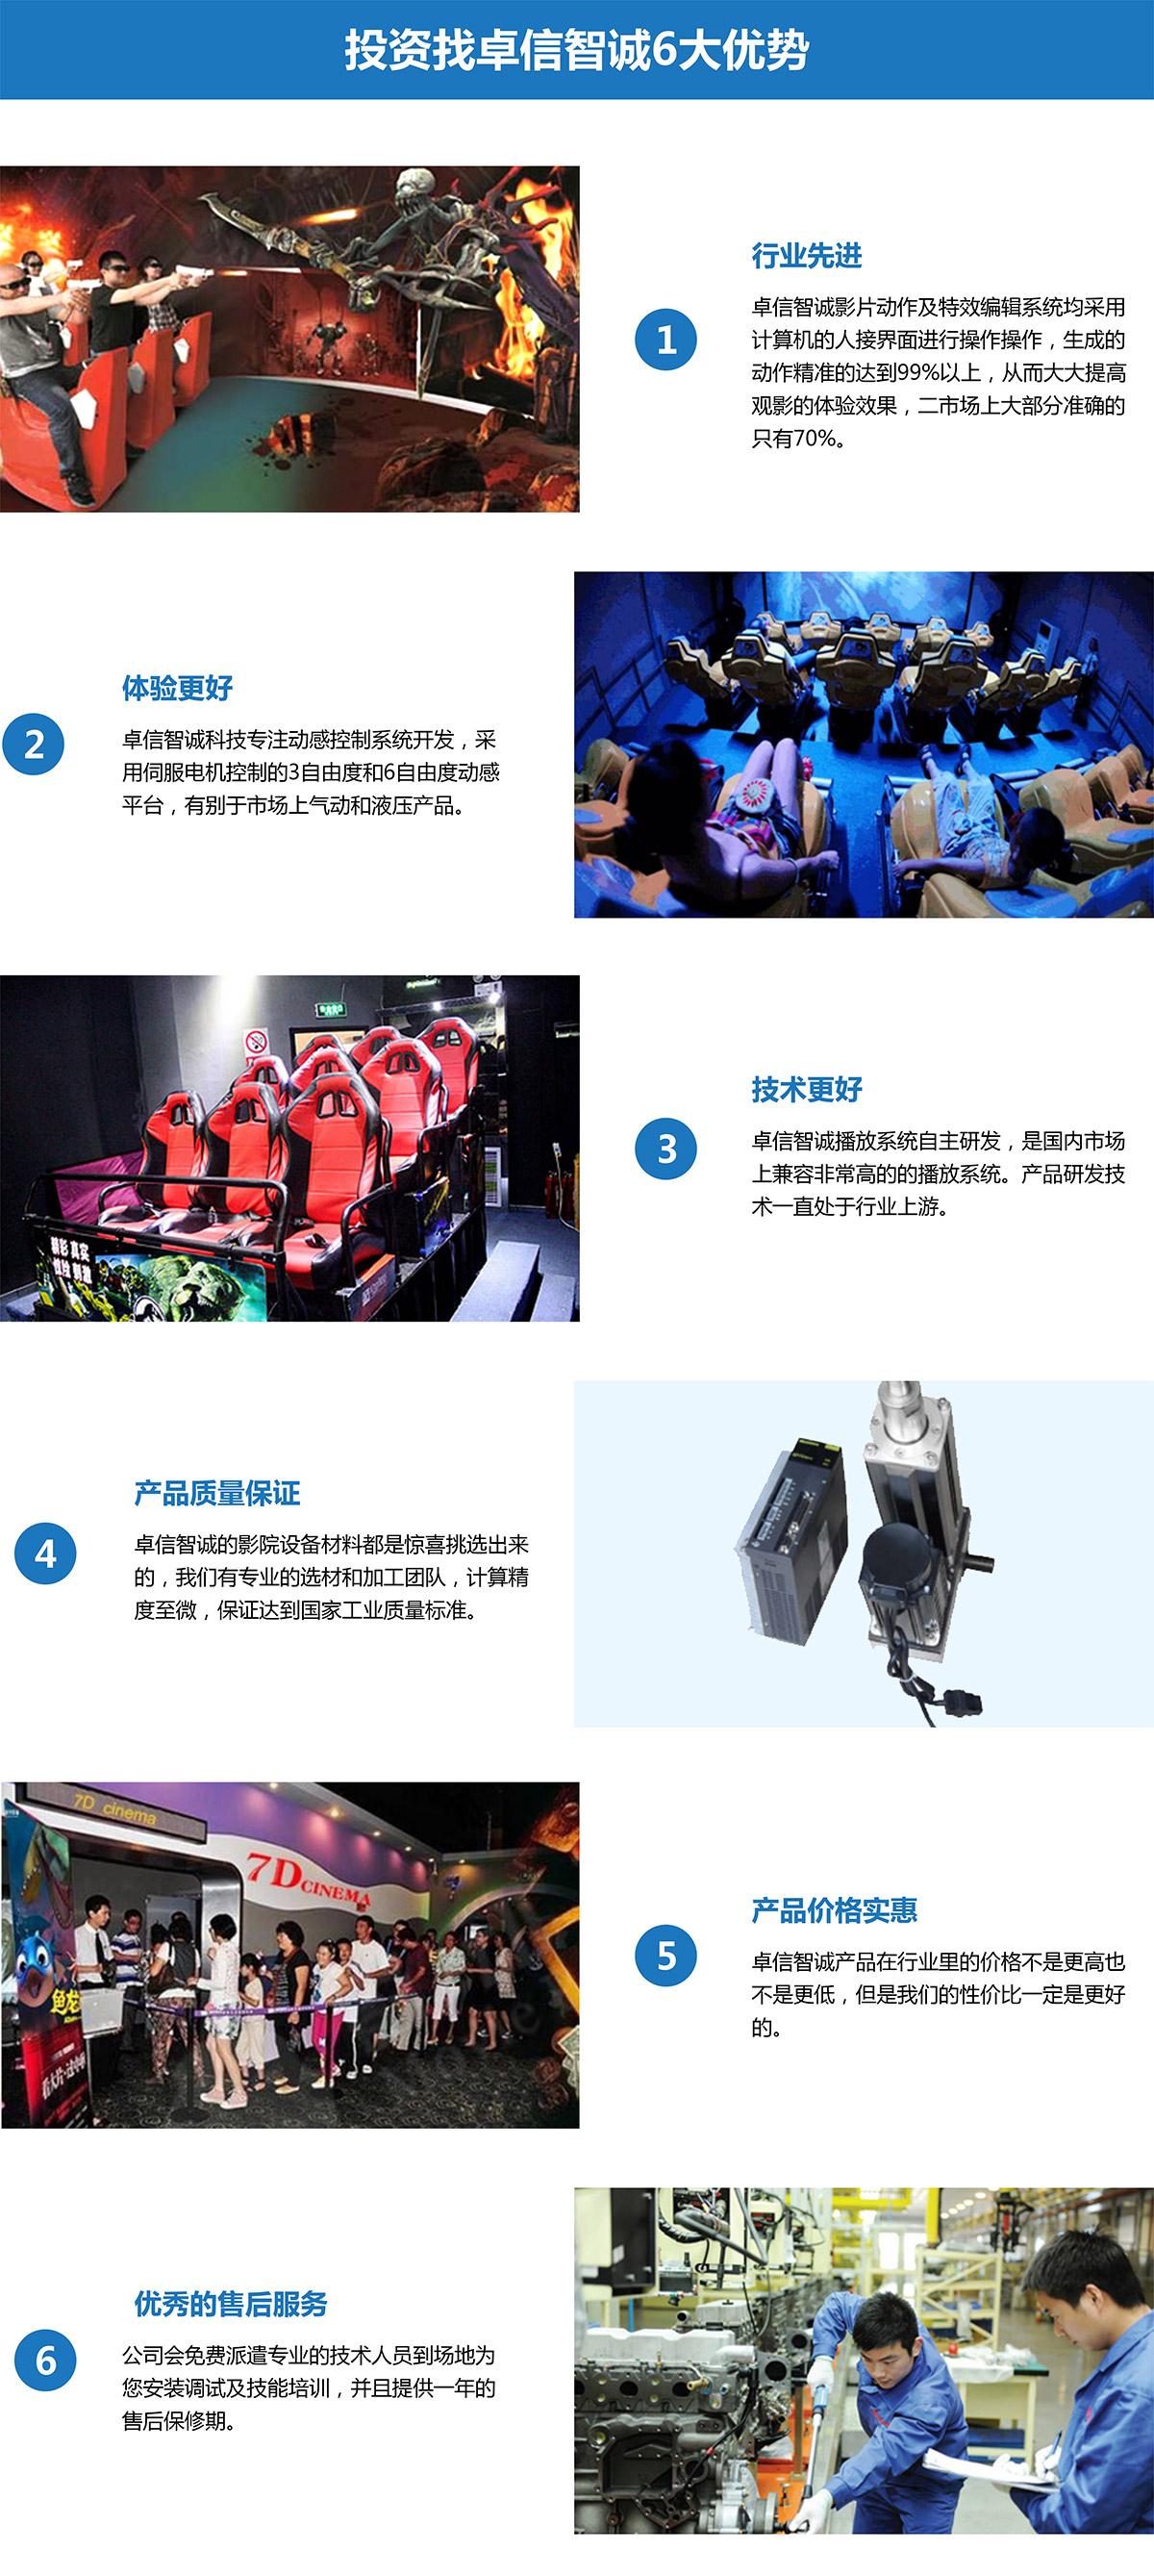 安全体验投资5D电影找6大优势.jpg